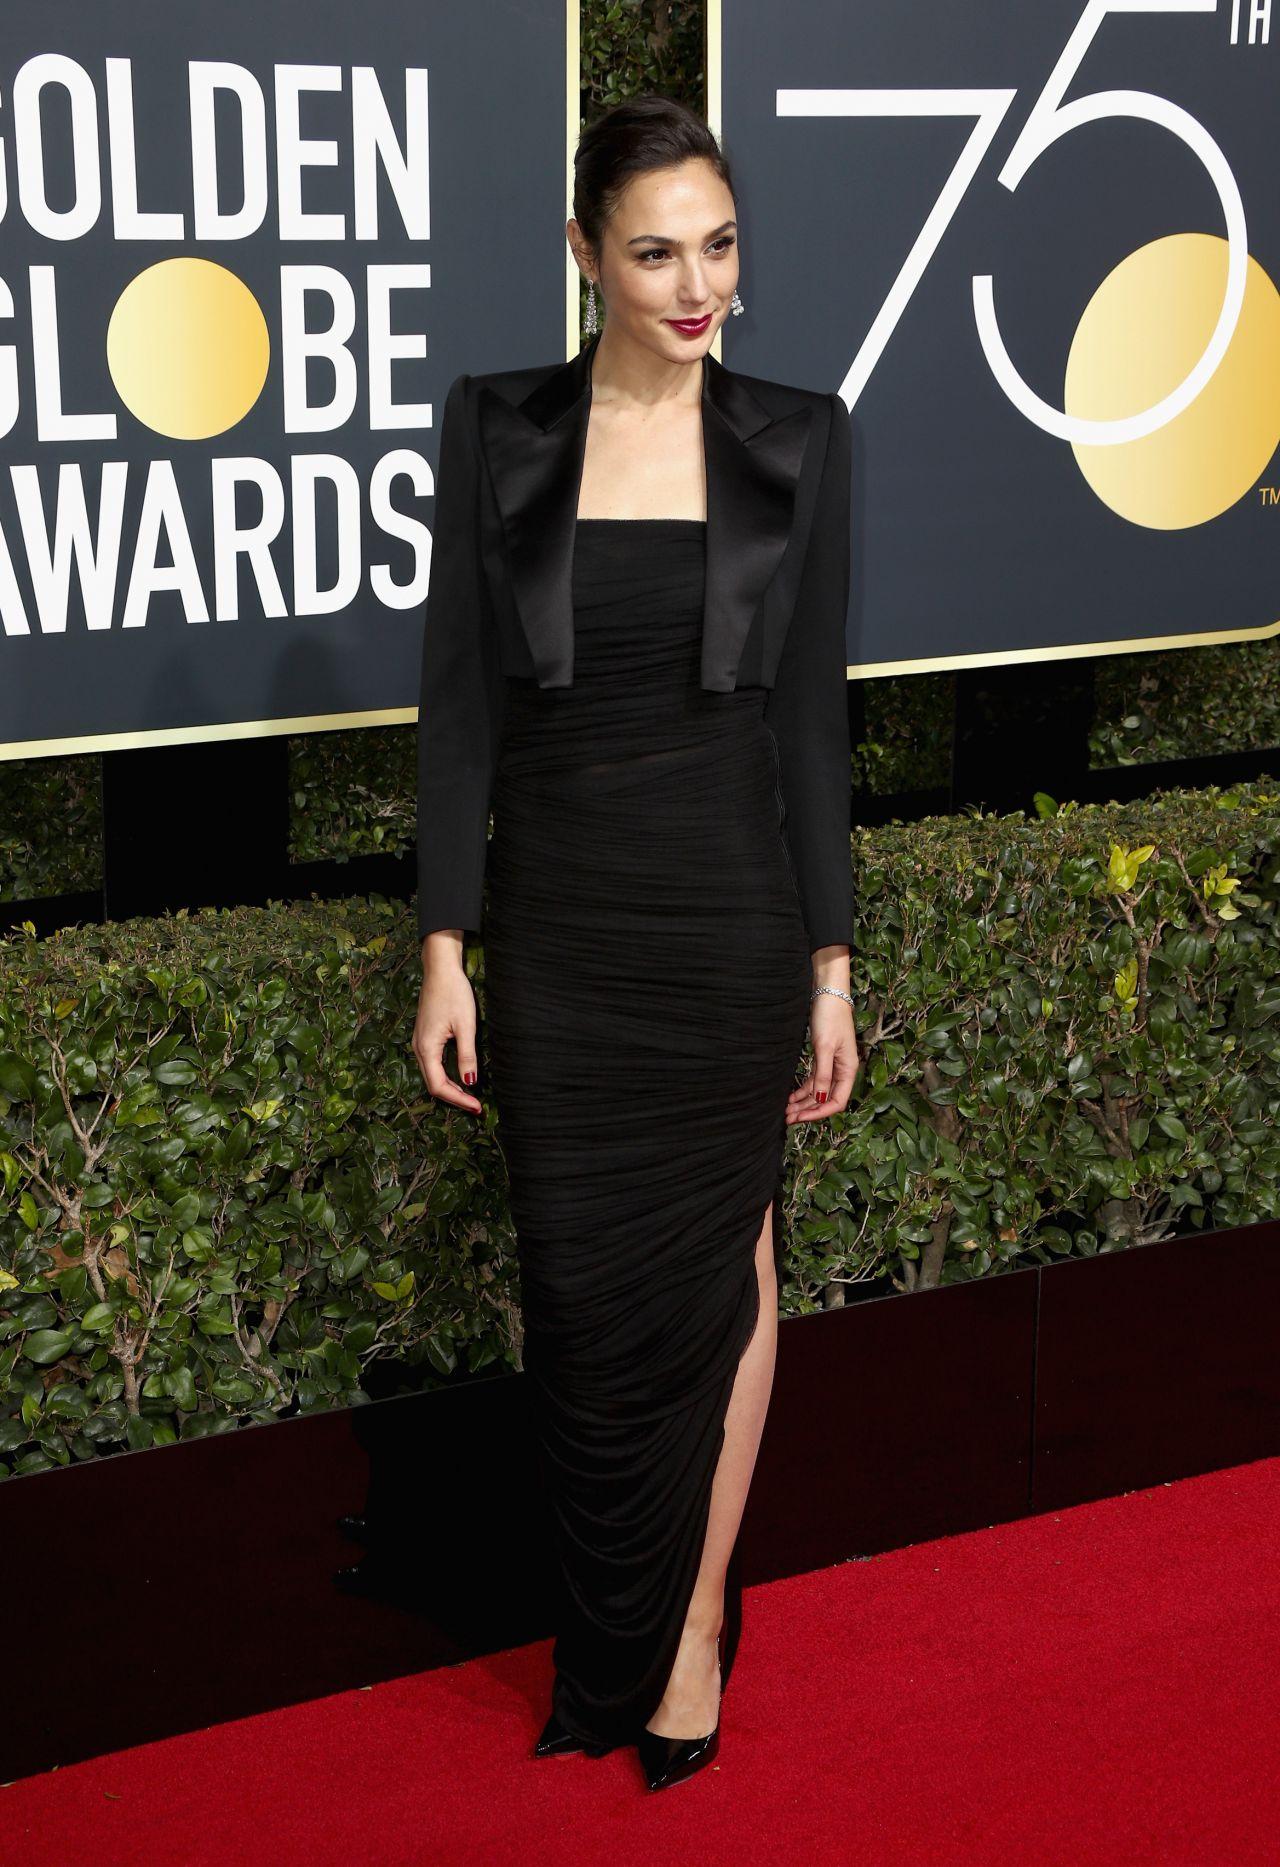 http://celebmafia.com/wp-content/uploads/2018/01/gal-gadot-golden-globe-awards-2018-7.jpg